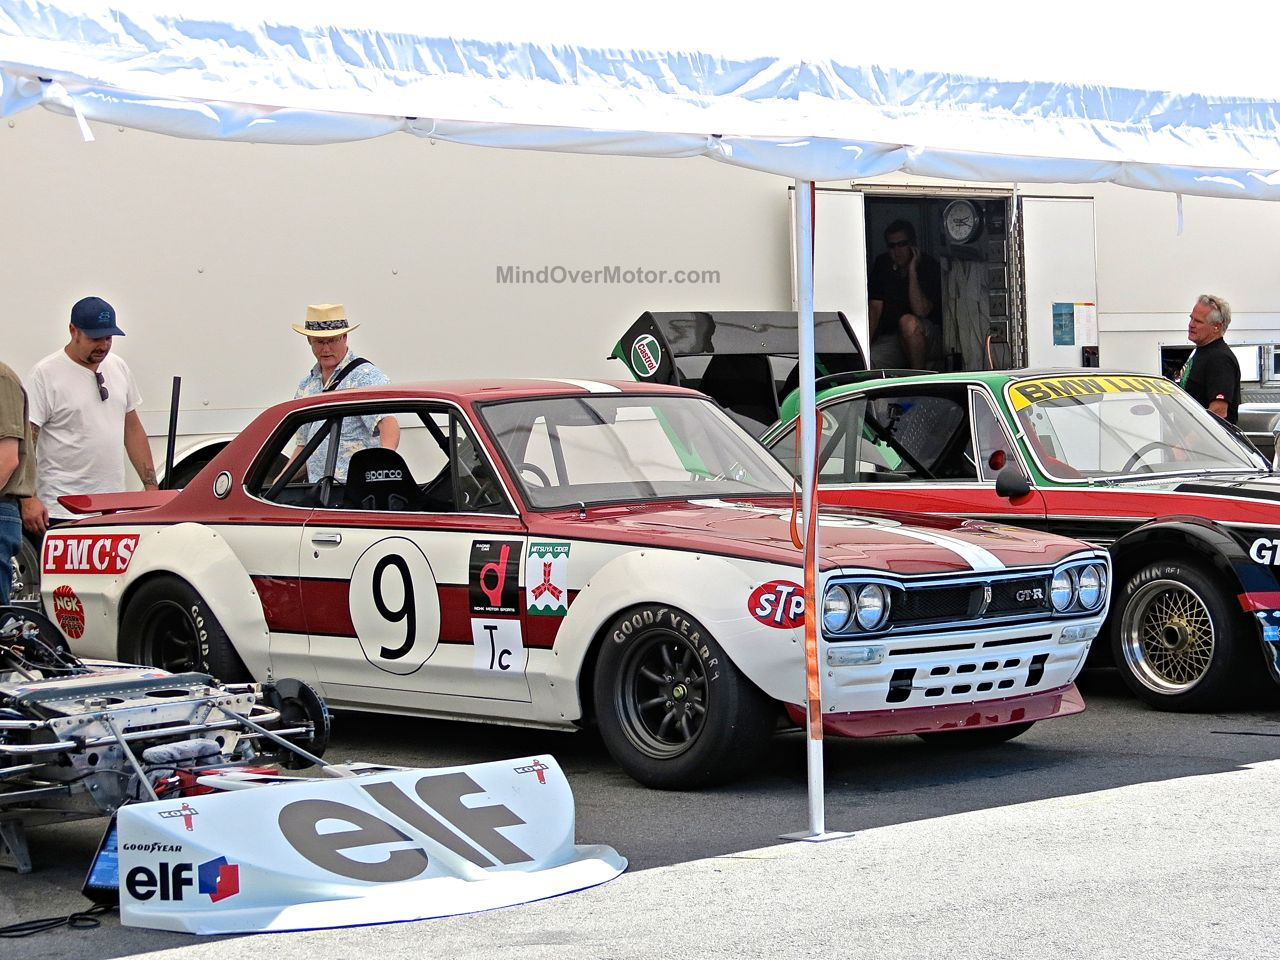 1971 Nissan Skyline 2000GT-R Hakosuka at Laguna Seca